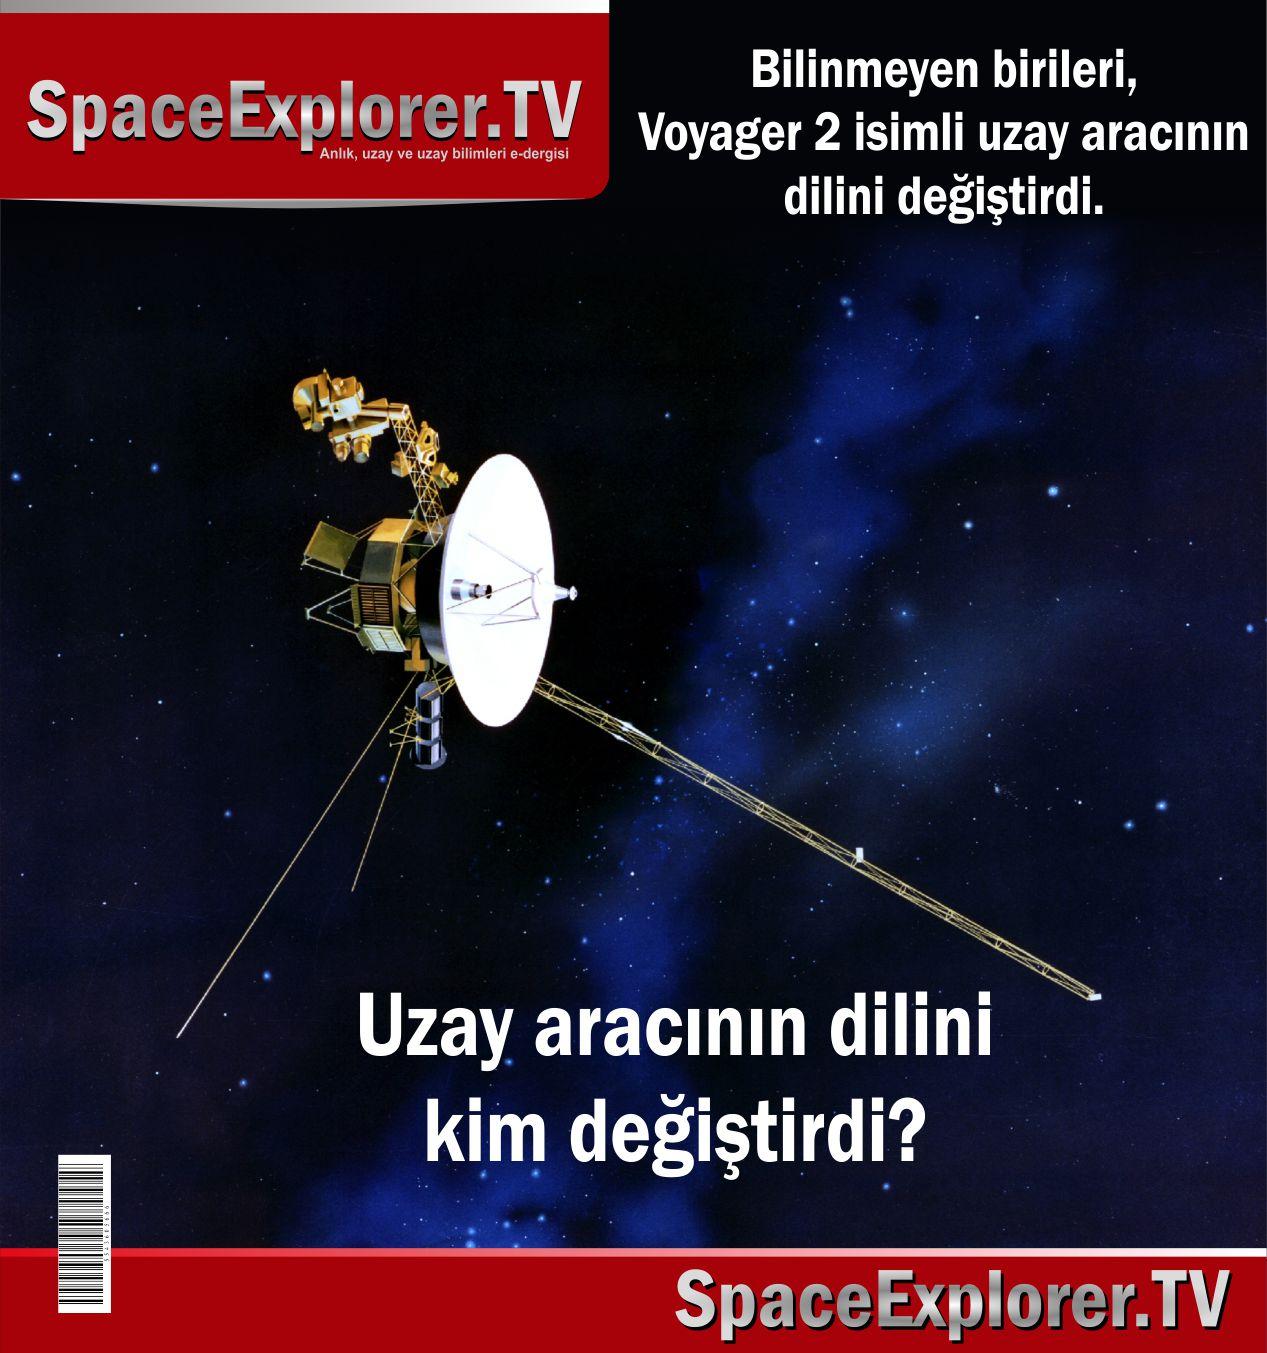 Voyager 2, Voyager 1, Uzay araçları, NASA, Uzaydan toplanan sinyaller, Gizemli sinyaller, Gizemli mesajlar, Uzaylılar, Uzayda hayat var mı?,